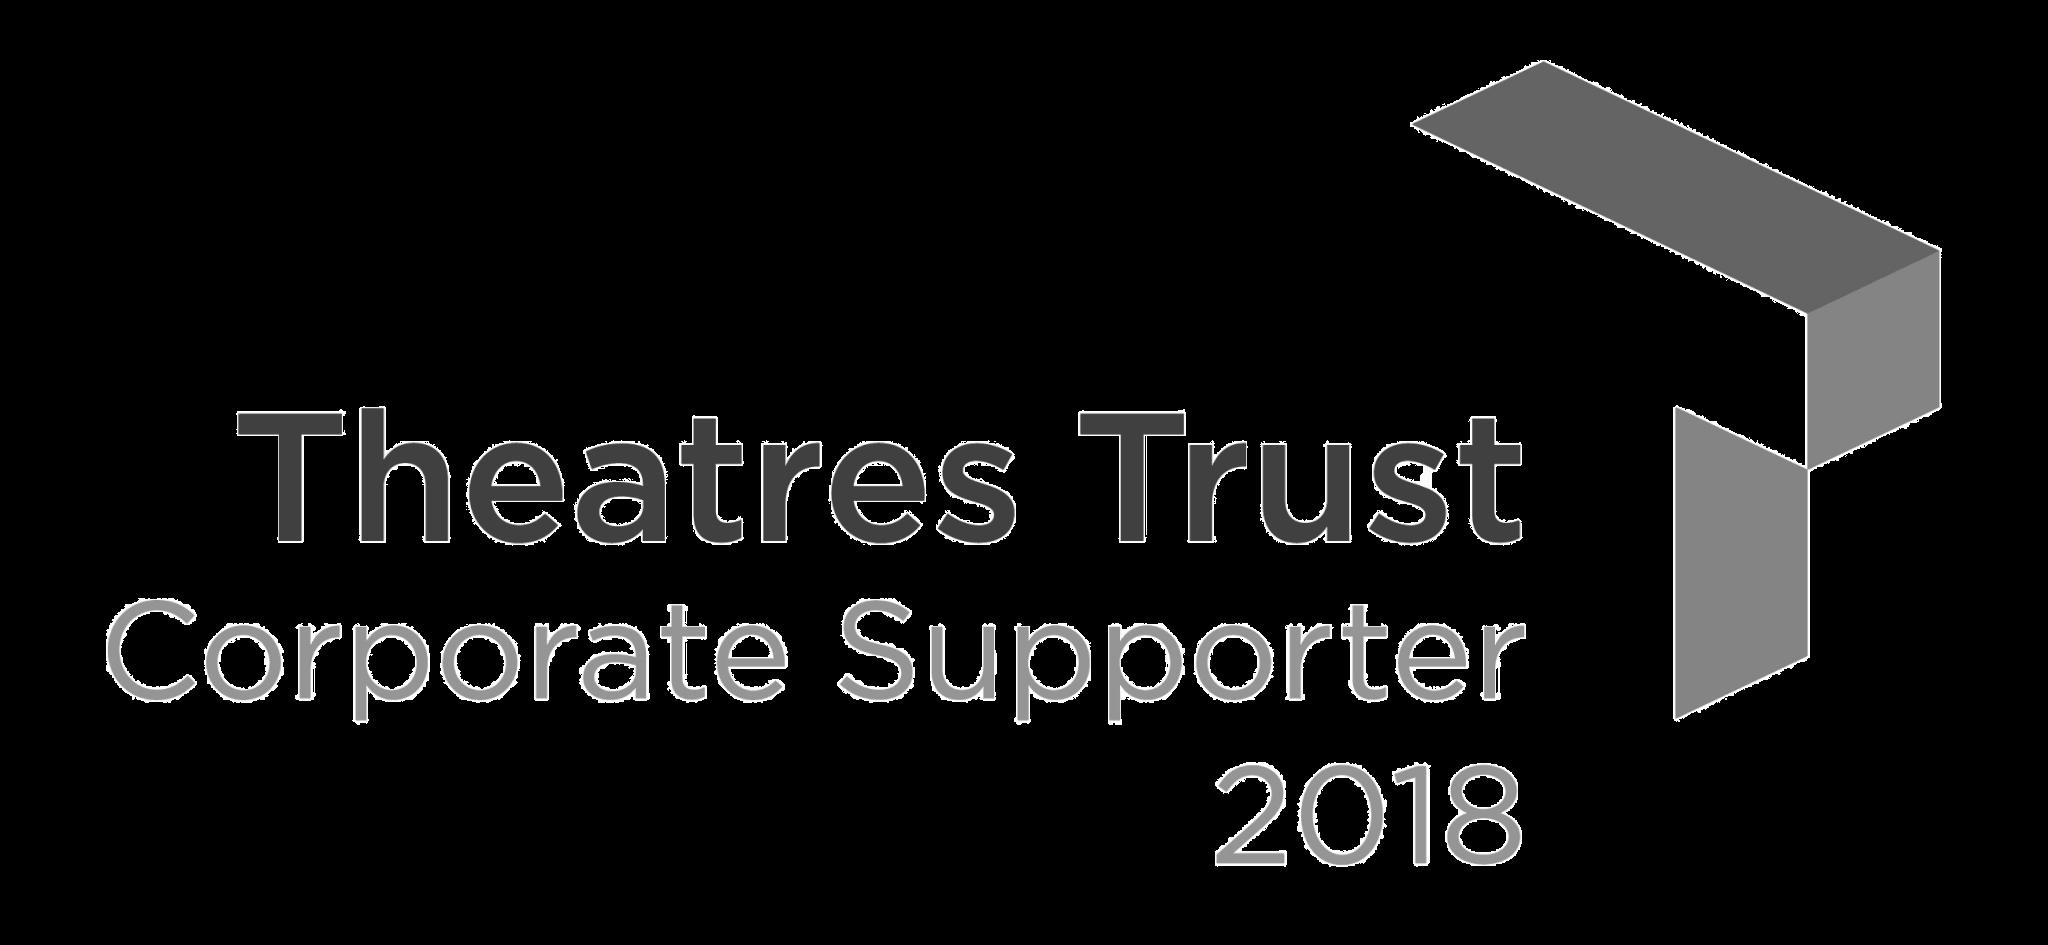 Theatres Trust